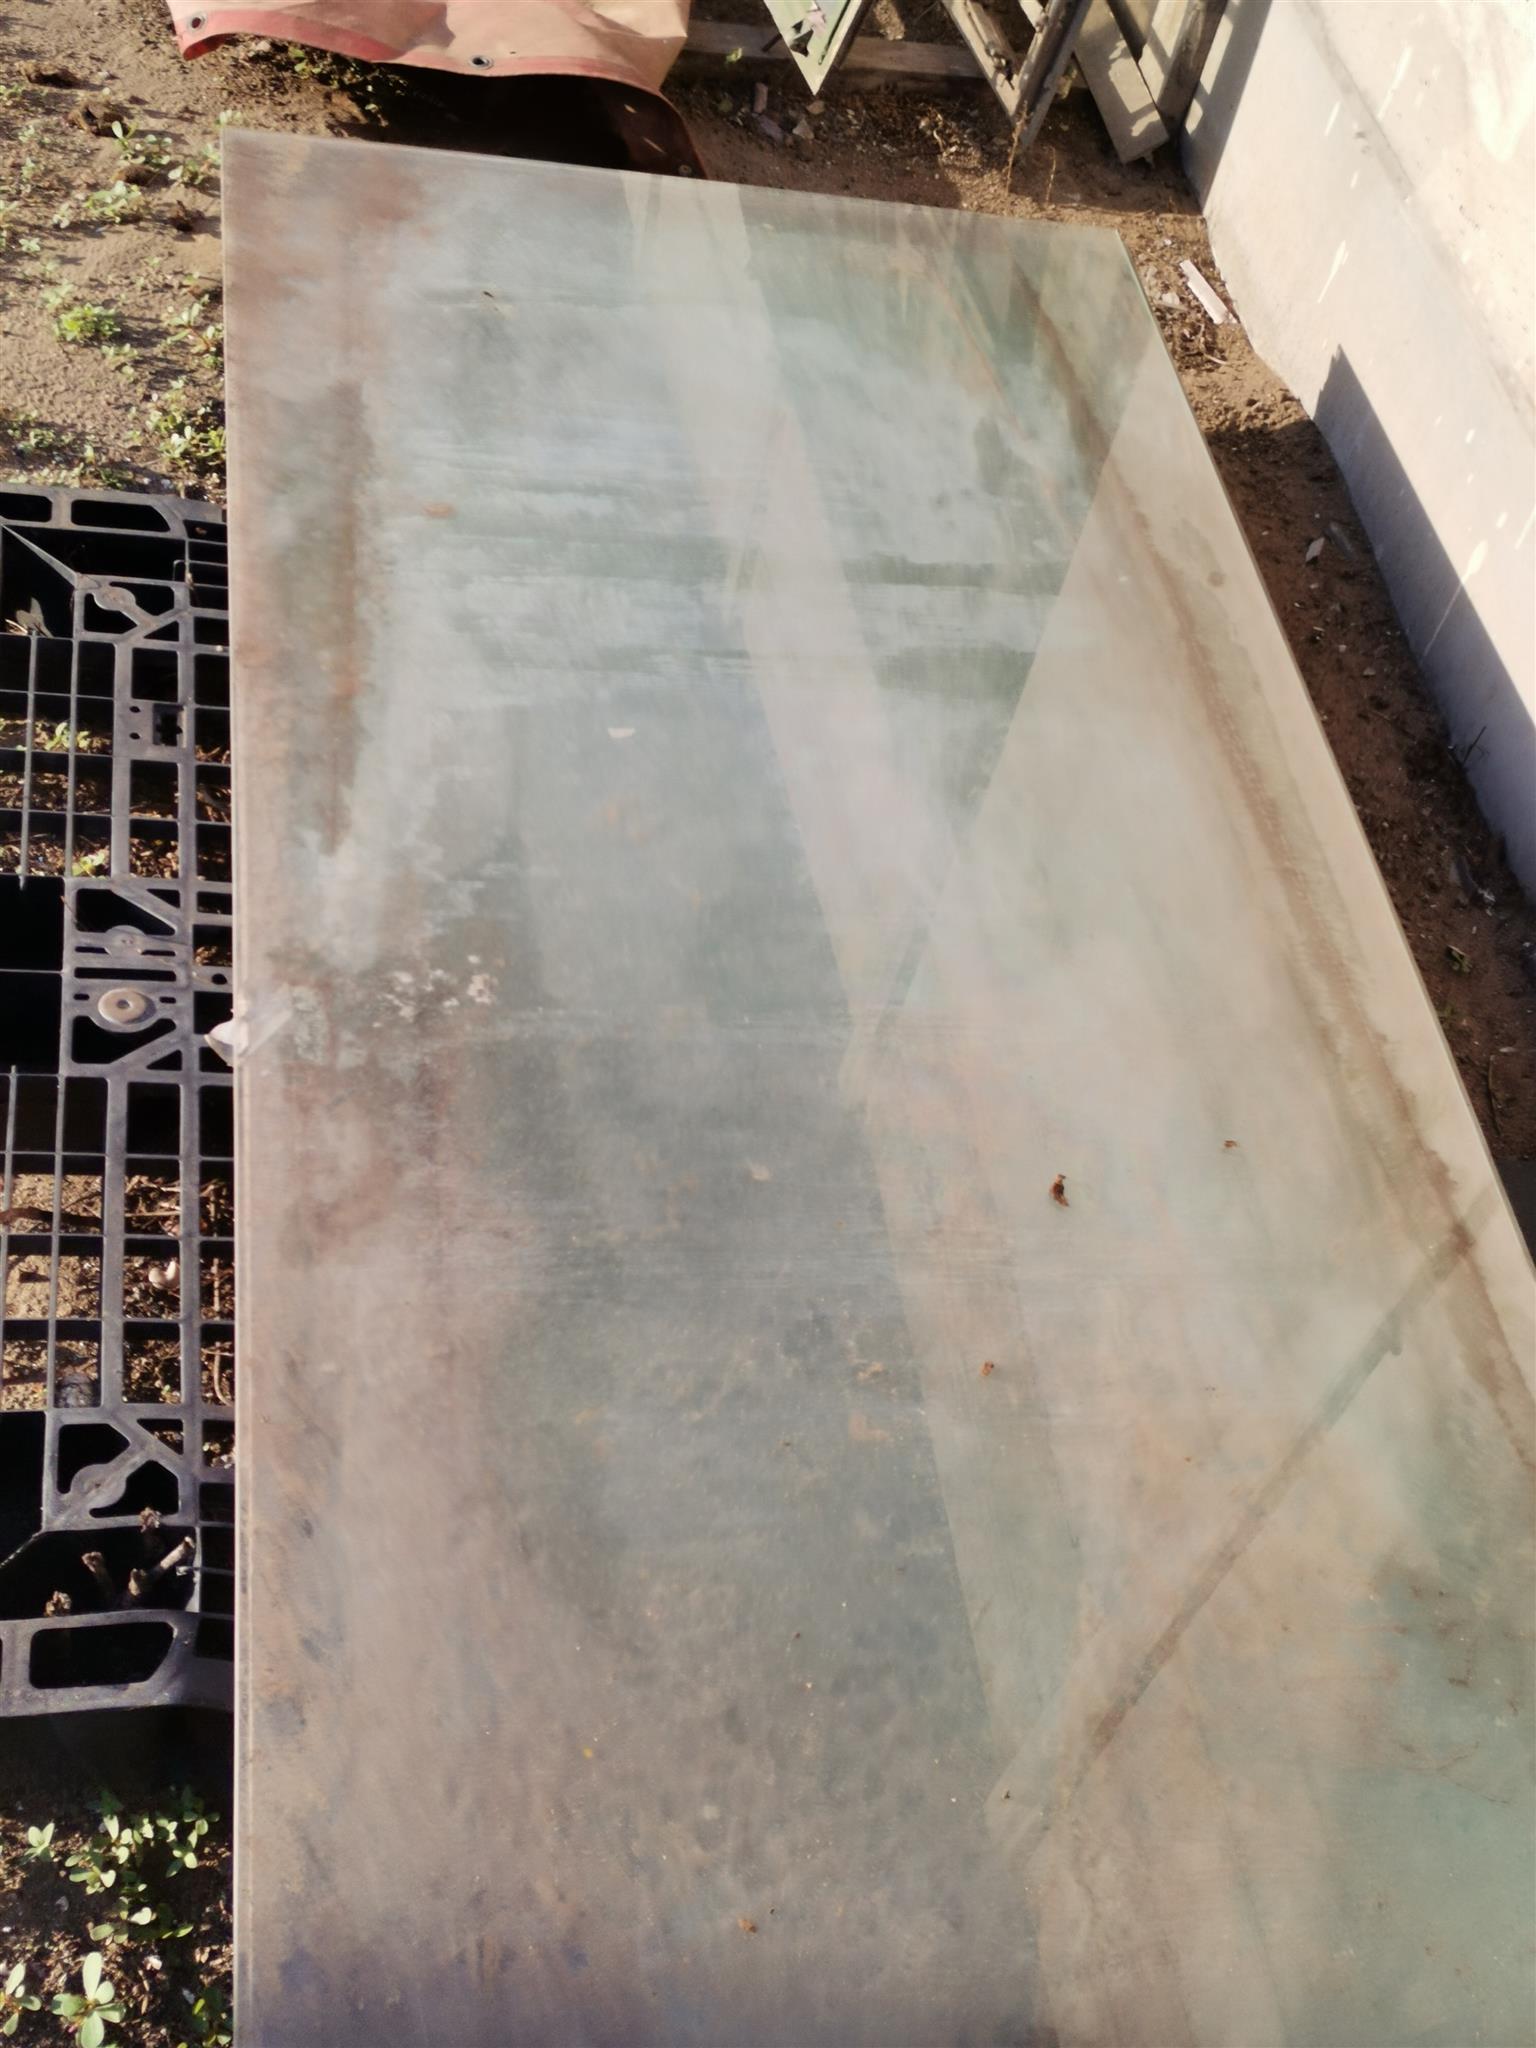 Sliding door glass new just full of dust